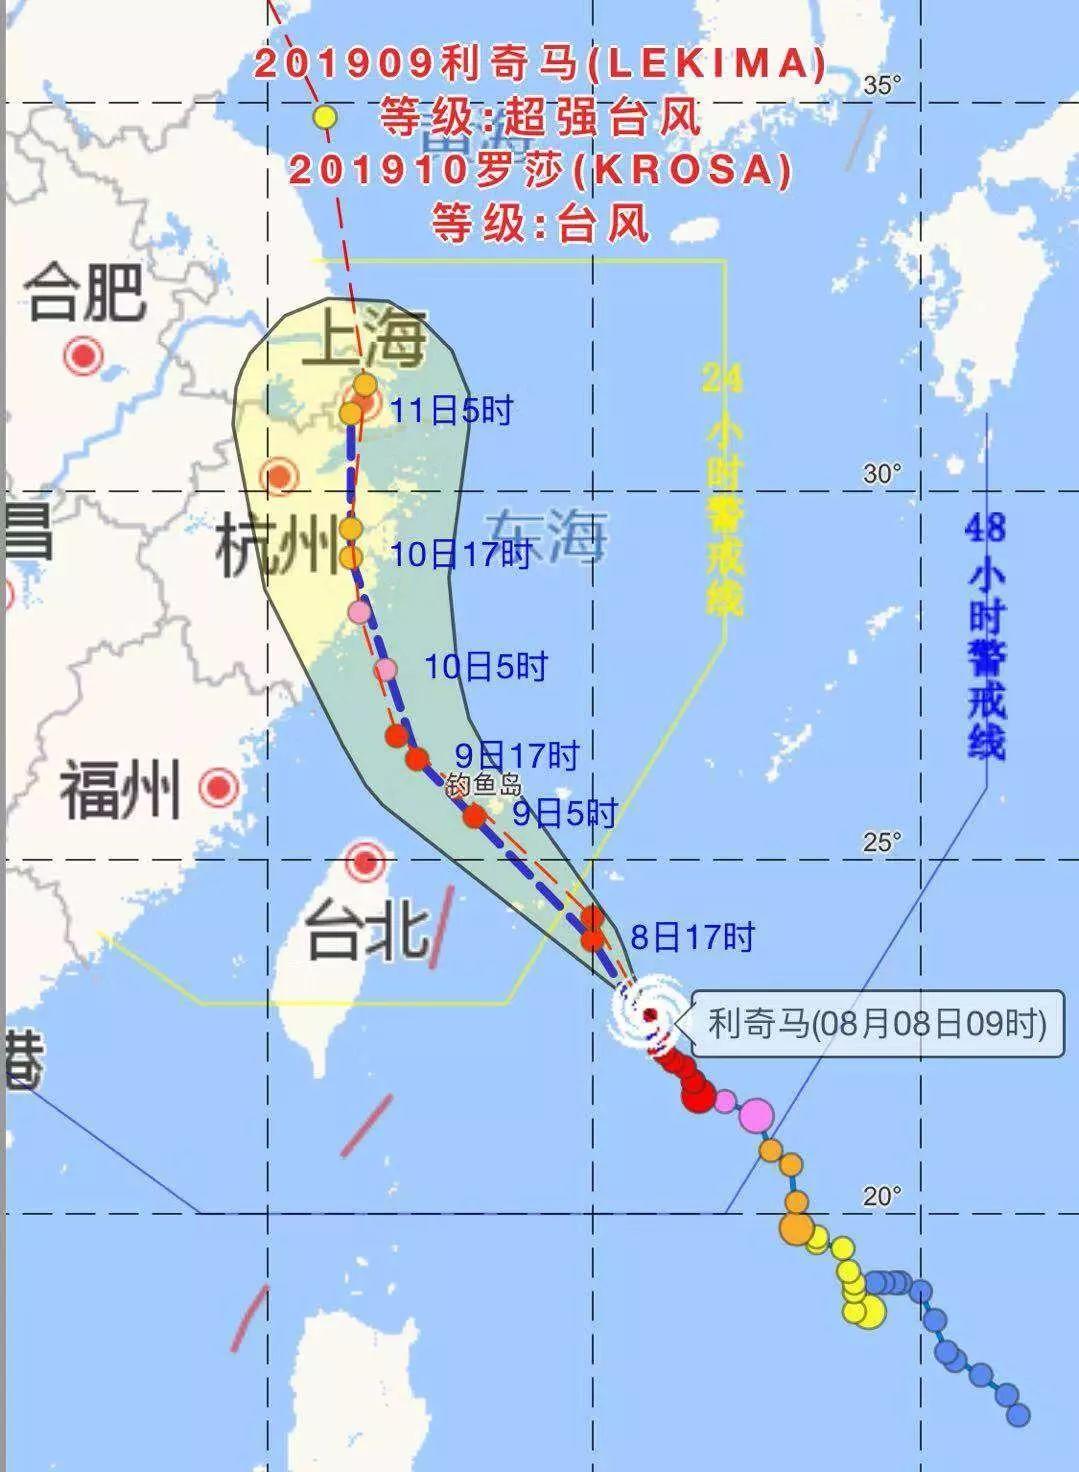 受第9号台风 利奇马 影响,象山影视城明日起 2019年8月9日 闭园